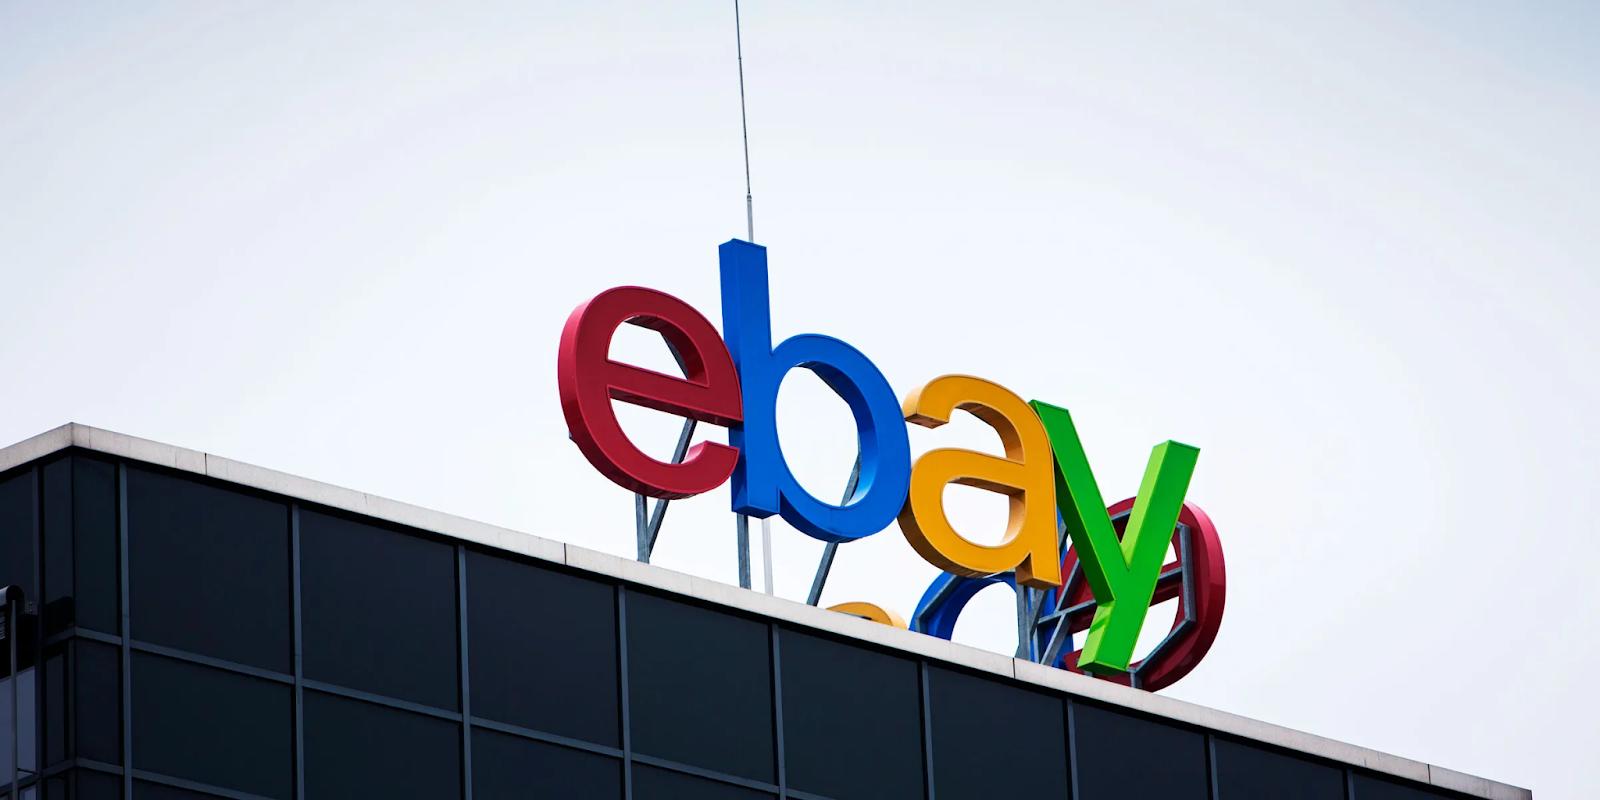 Kinh nghiệm mua hàng Ebay với giá rẻ nhất